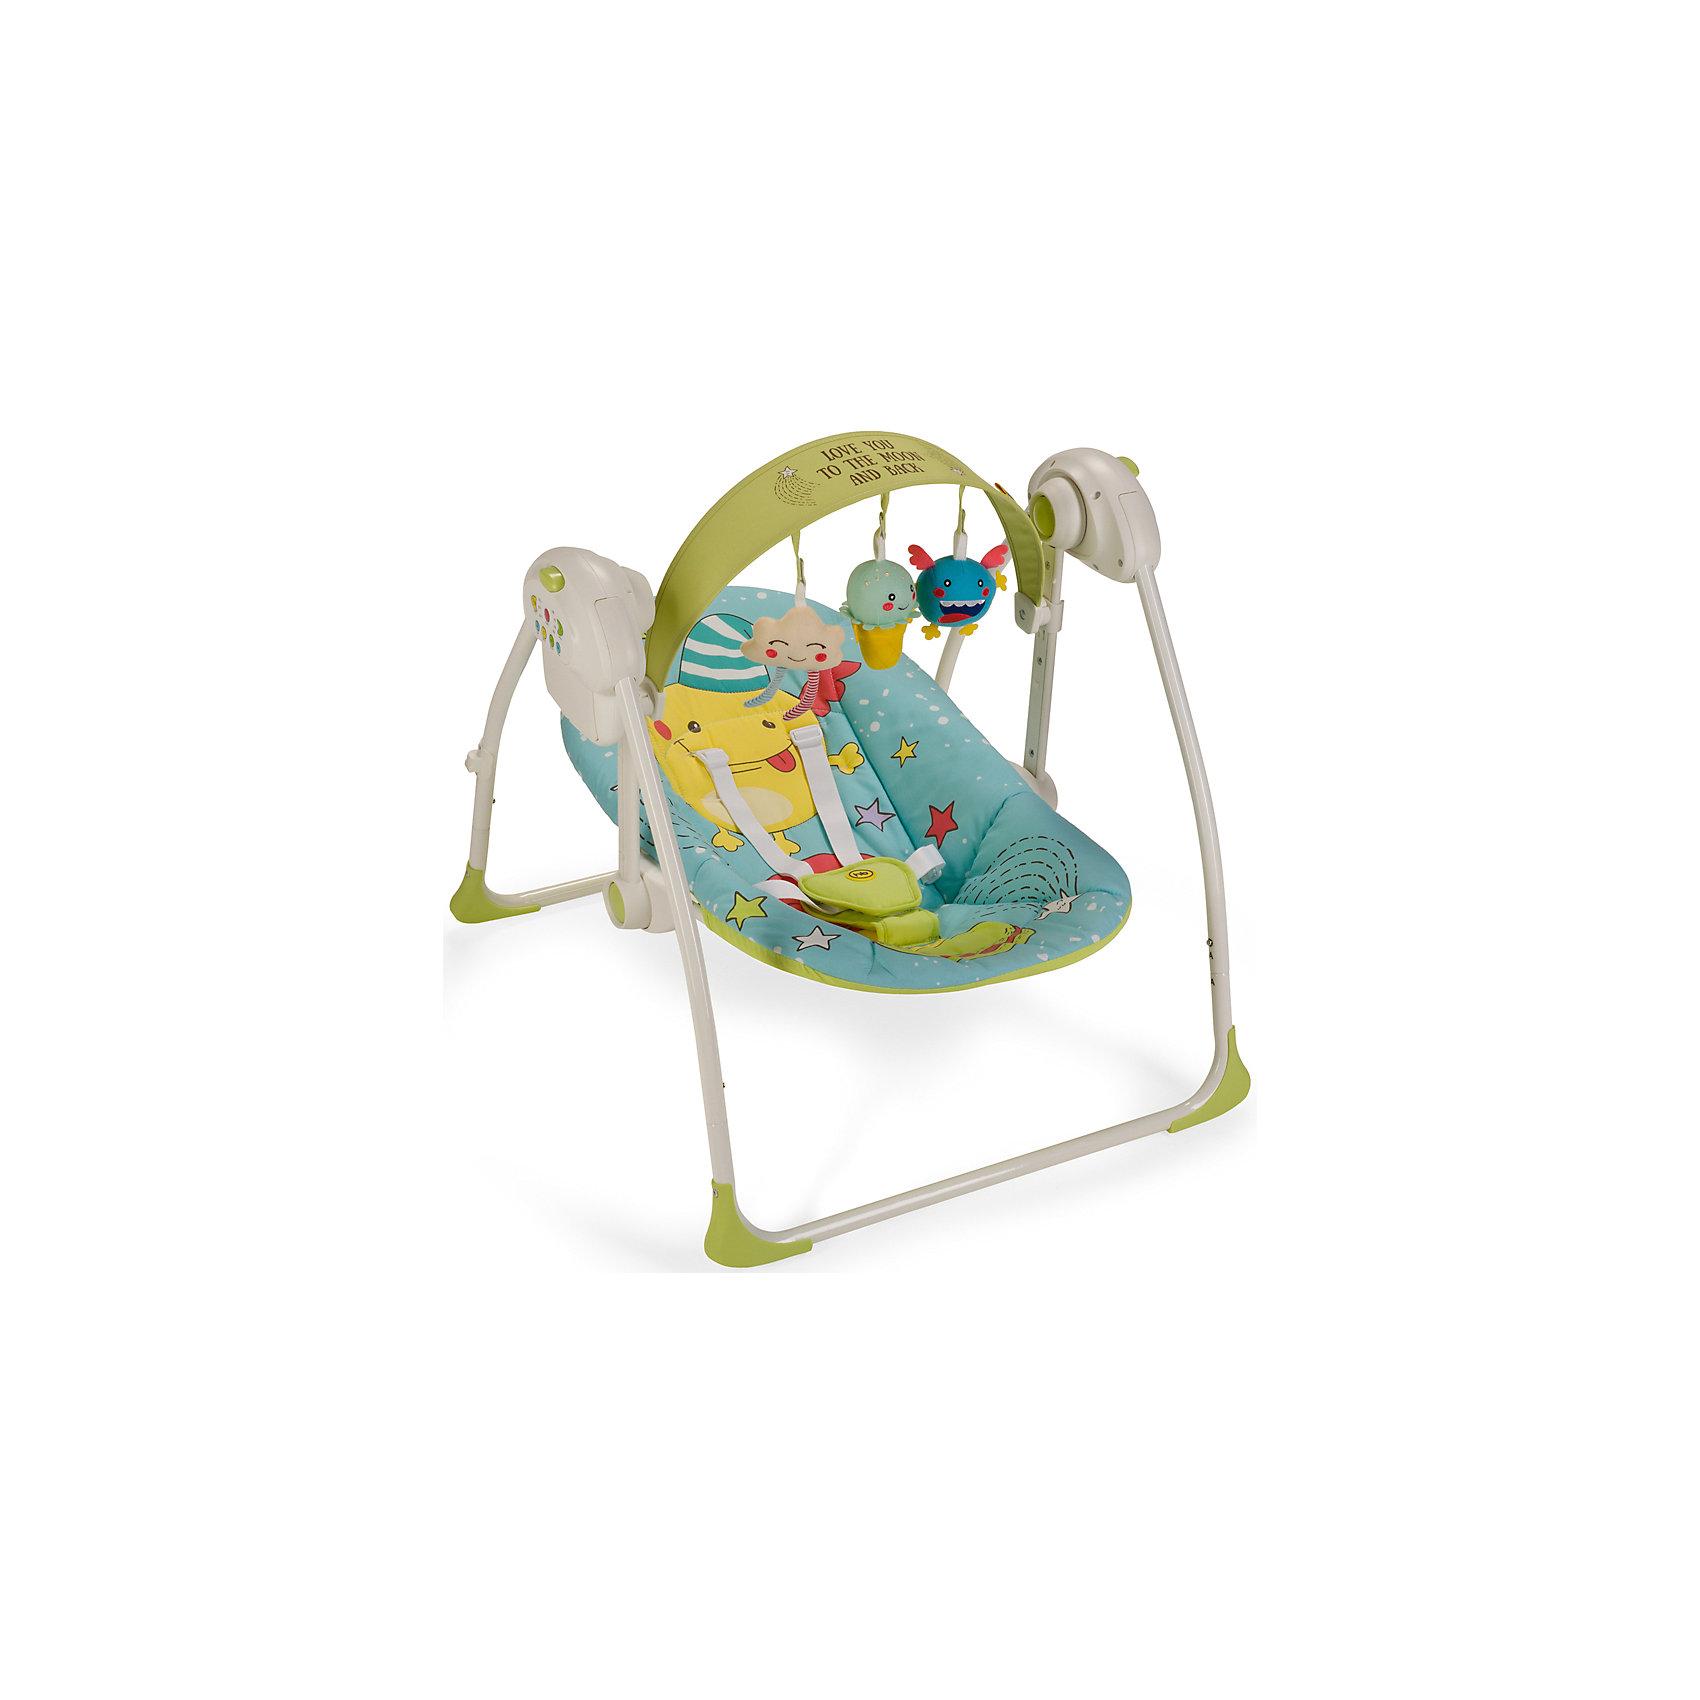 Электрокачели Jolly, Happy Baby, голубойКачели электронные<br>Электрокачели Jolly, Happy Baby, голубой – это прекрасный вариант для комфортного отдыха, игр и сна вашего малыша.<br>Электрокачели Jolly из коллекции MONSTER, напоминающие малышу среду, в которой он находился до рождения, помогут крохе быстрее адаптироваться к внешнему миру, а также станут отличным помощником матери в уходе за ребенком. В электрокачелях Jolly малышу будет уютно, тепло, безопасно и весело. Пятиточечные ремни безопасности надежно зафиксируют ребенка. Наклон спинки регулируется в 2 положениях. Таймер на 10, 20 и 30 минут даст маме время заниматься домашними делами, пока ваш ребенок качается на качелях. Три скорости укачивания позволят подобрать оптимальный вариант в зависимости от того, спит малыш или бодрствует. Восемь мелодий с возможностью регулировки громкости и съемная регулируемая дуга с игрушками не дадут ребенку скучать. Качели работают от батареек или от сети через адаптер.<br><br>Дополнительная информация:<br><br>- Возраст: 0+<br>- Максимальный вес ребенка: 9кг.<br>- Цвет: голубой<br>- 5-точечные ремни безопасности<br>- Наклон кресла: 2 положения<br>- Съемная регулируемая по наклону и высоте дуга со съемными игрушками<br>- 3 скорости качания<br>- 8 мелодий с возможностью регулирования громкости<br>- Установка таймера со светодиодной подсветкой на 10, 20 и 30 минут<br>- Возможность работы от батареек (требуется 4 батарейки типа С) и от адаптера<br>- Легко складываются<br>- Материал: каркас - пластик, металл; тканые материалы - 100% полиэстер<br>- Размер в разложенном виде: 68х64х57 см.<br>- Размер в сложенном виде: 26х64х63 см.<br>- Вес в упаковке:4,7 кг.<br><br>Электрокачели Jolly, Happy Baby, голубые можно купить в нашем интернет-магазине.<br><br>Ширина мм: 140<br>Глубина мм: 400<br>Высота мм: 620<br>Вес г: 4770<br>Цвет: голубой<br>Возраст от месяцев: 0<br>Возраст до месяцев: 6<br>Пол: Унисекс<br>Возраст: Детский<br>SKU: 4914551